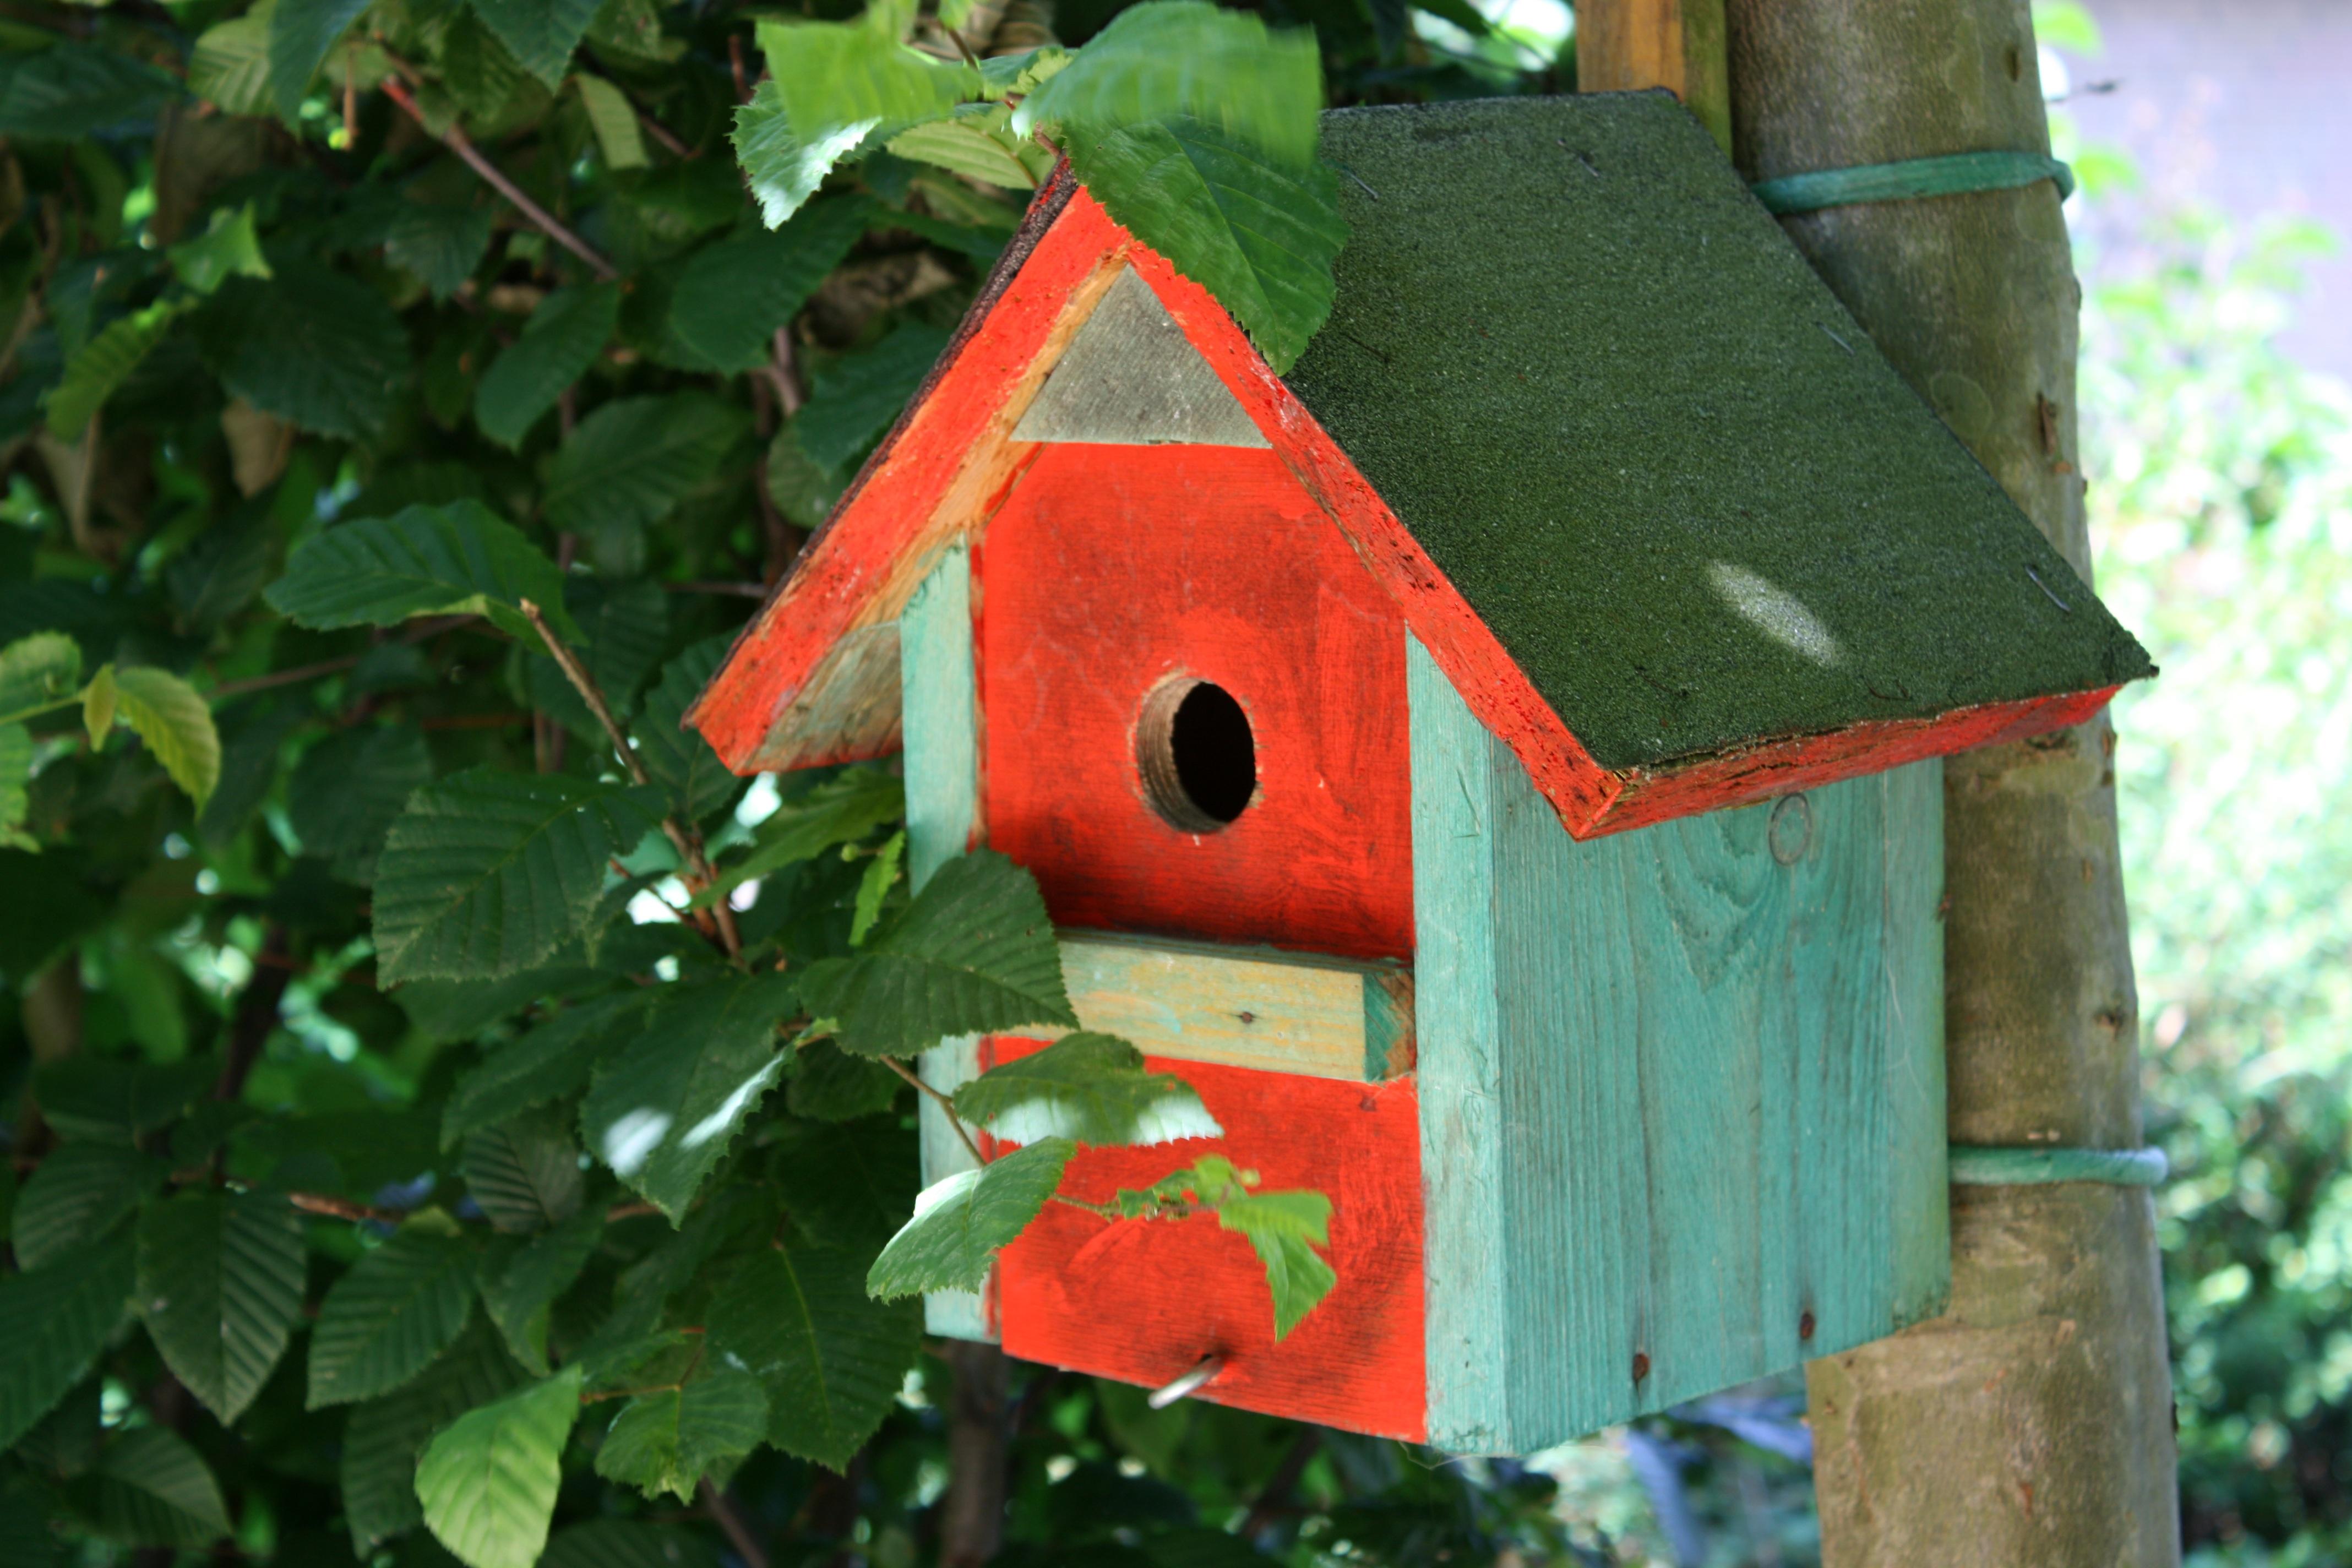 nesting-box-1270955